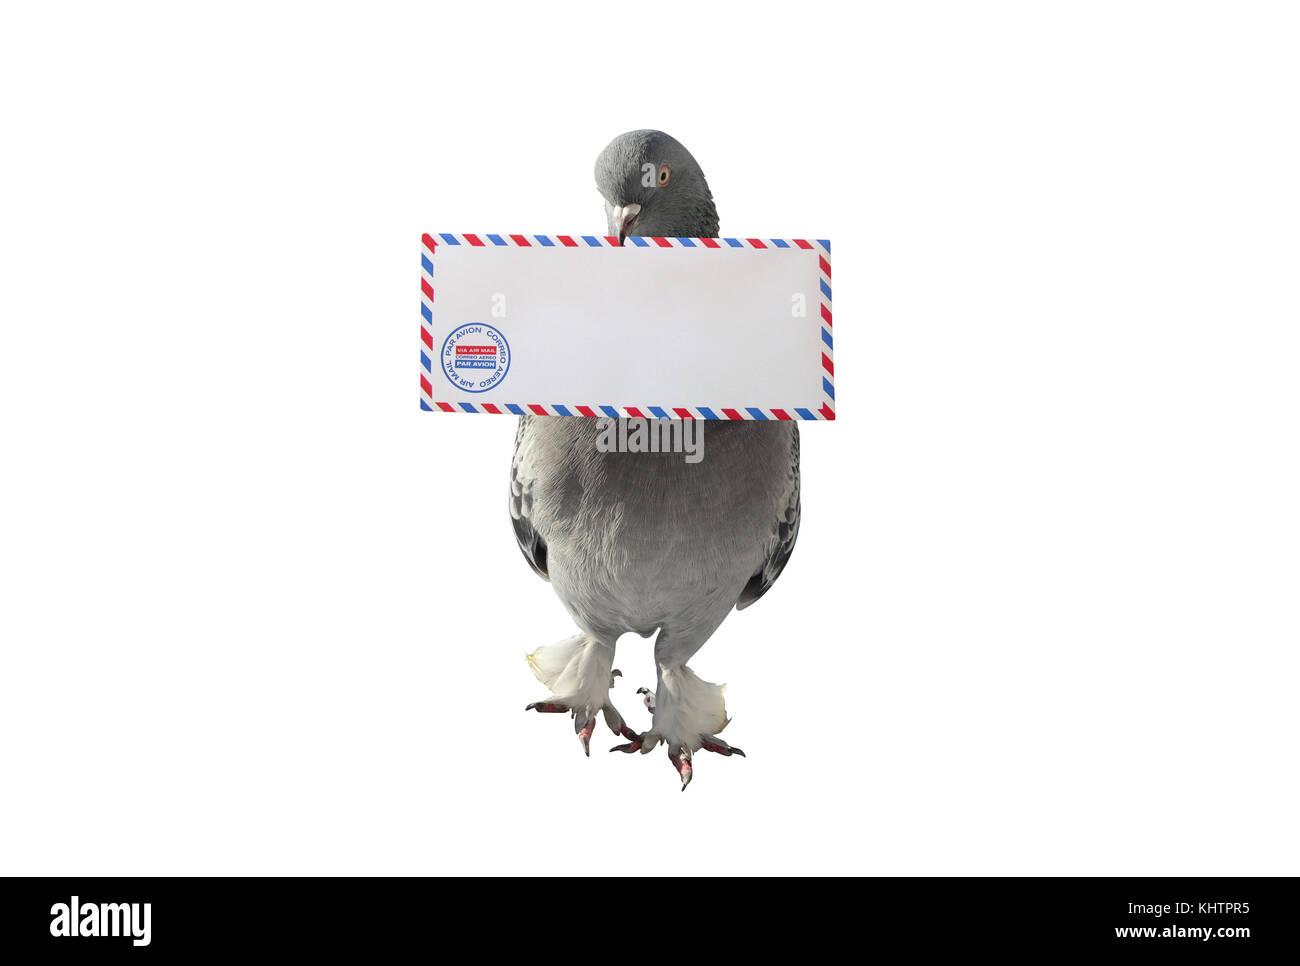 Llevar el correo aéreo de paloma gris sobre fondo blanco. Foto de stock